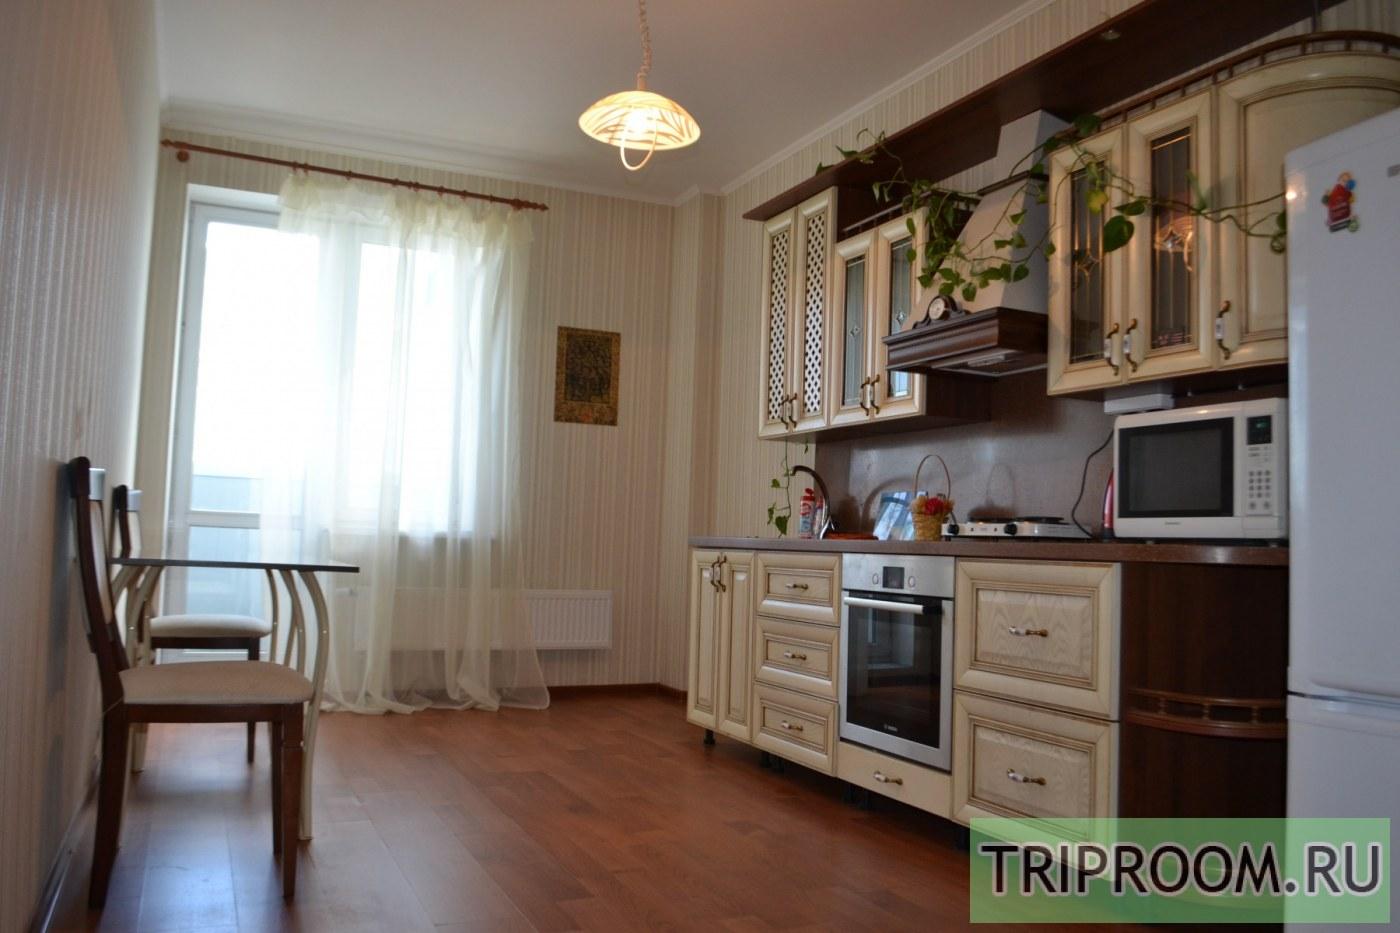 1-комнатная квартира посуточно (вариант № 39023), ул. Беляева улица, фото № 1